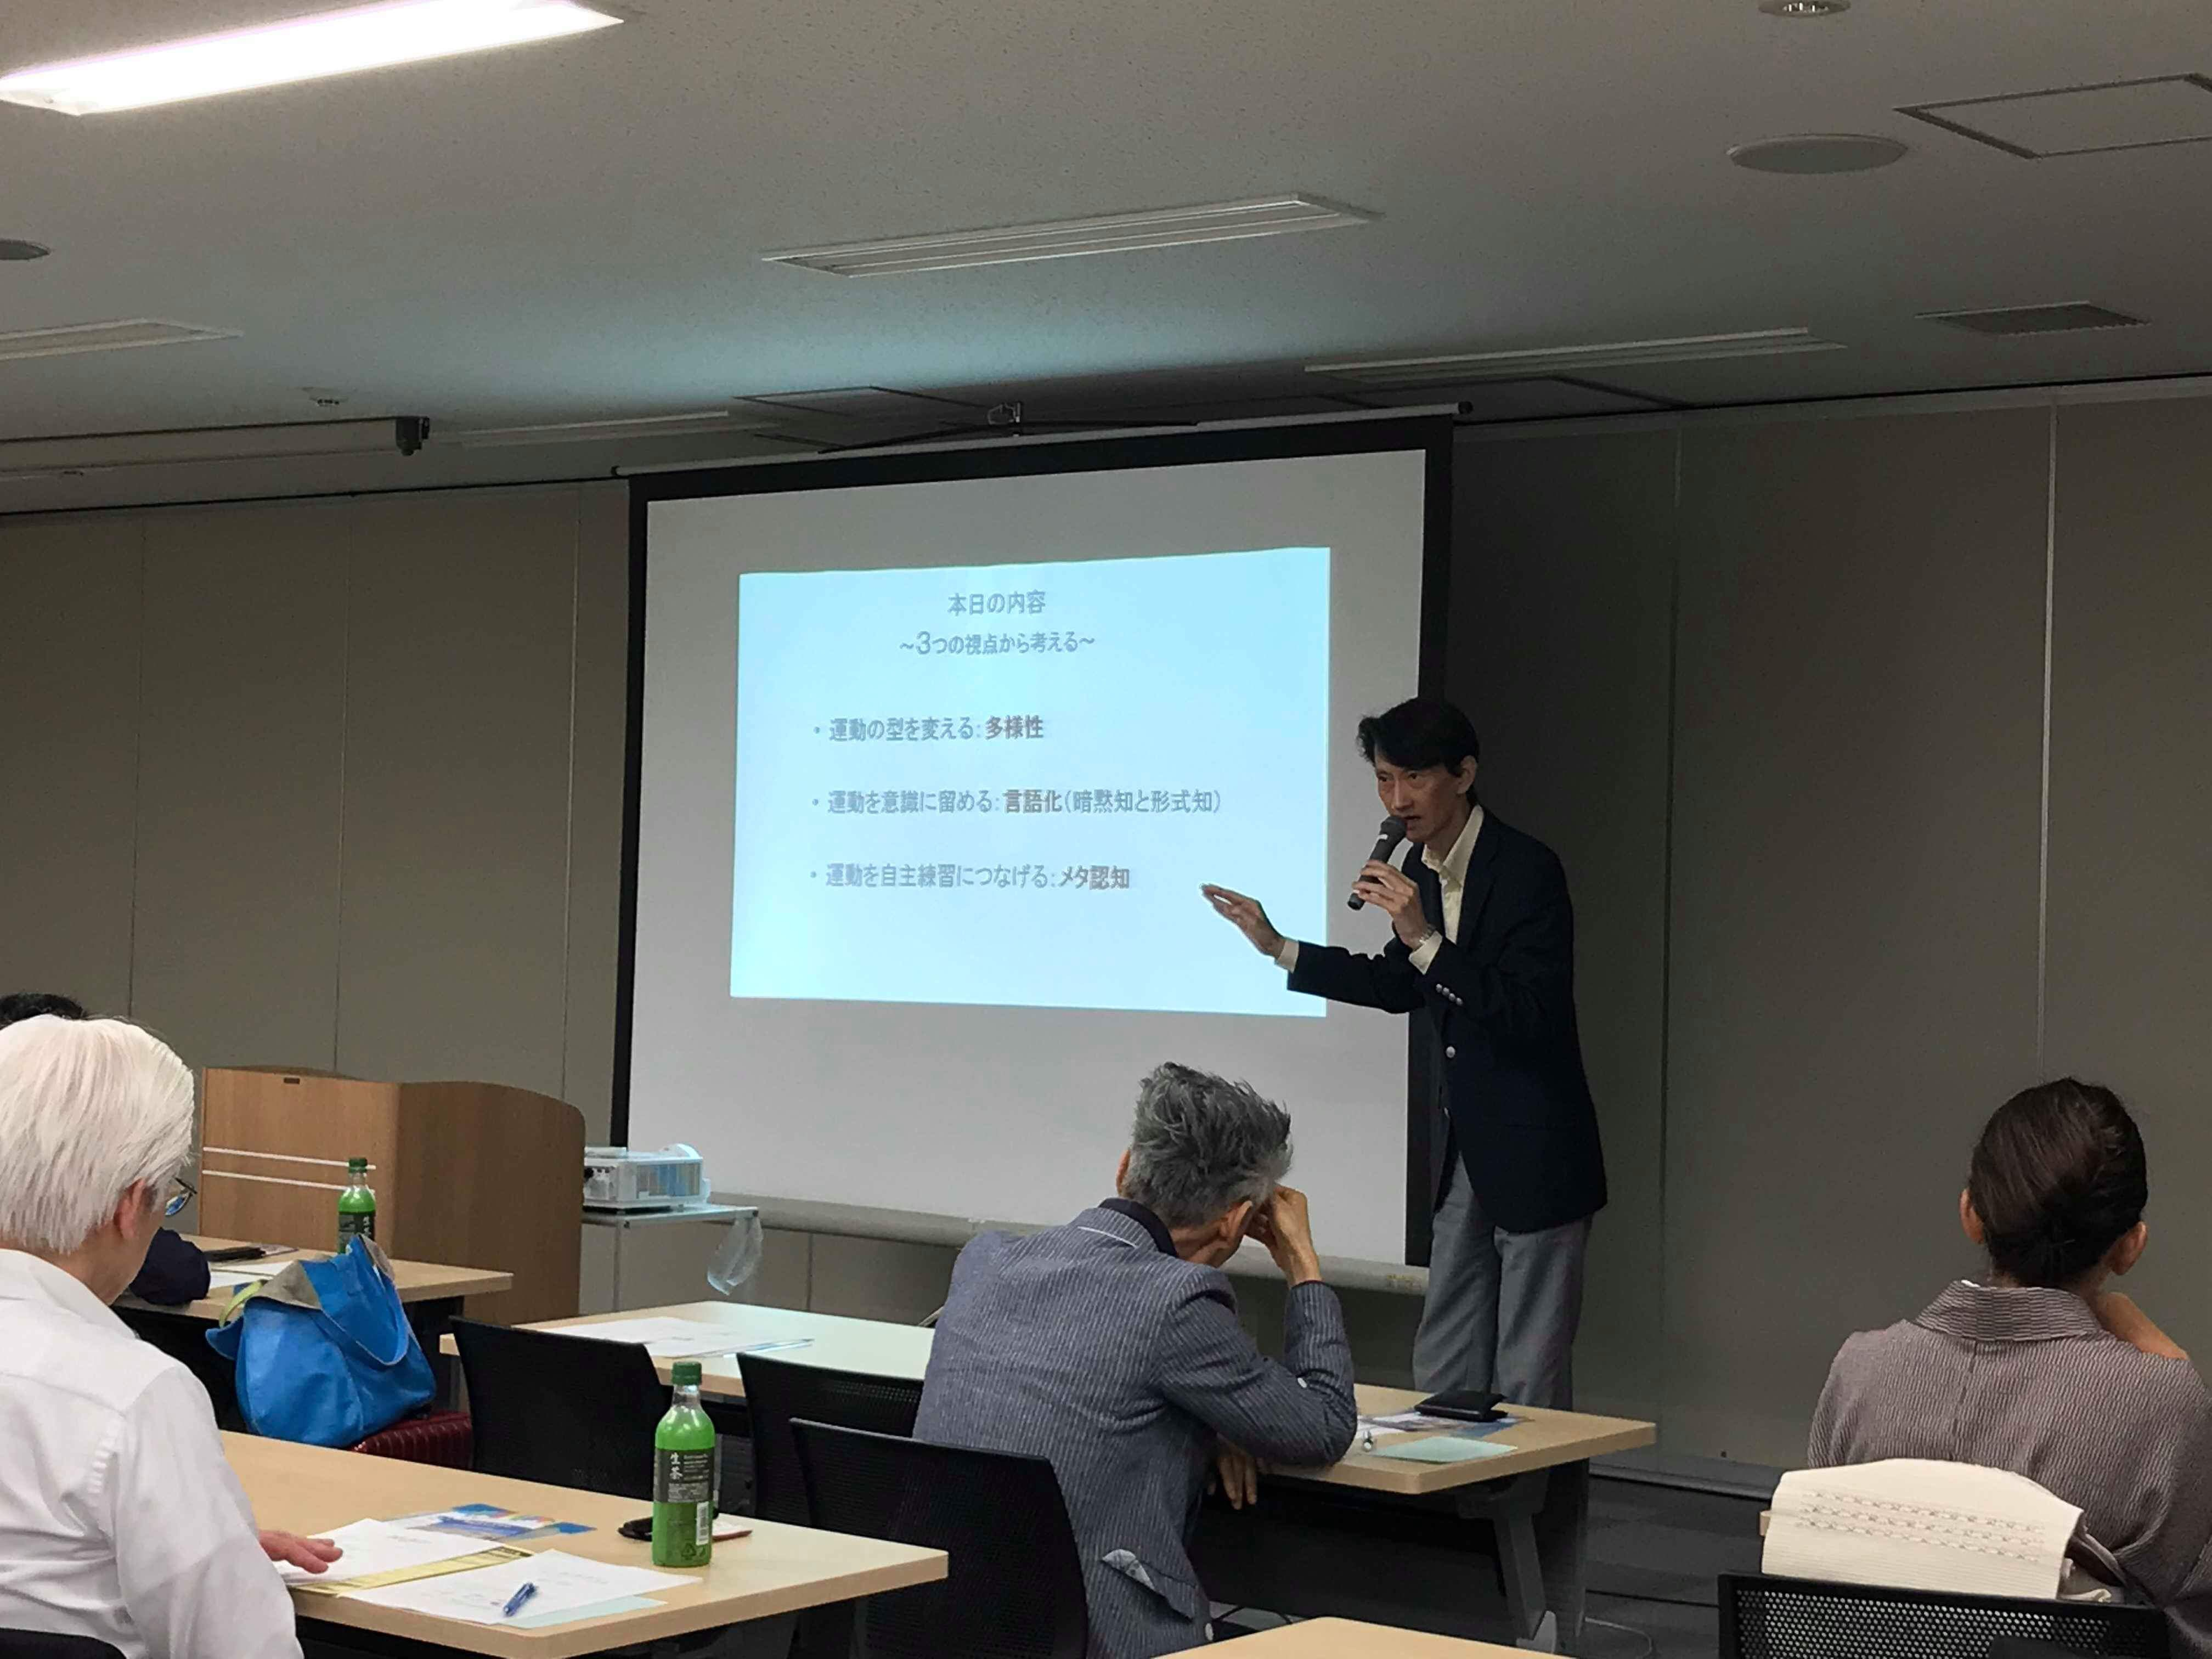 理学療法士・結城俊也氏による講演